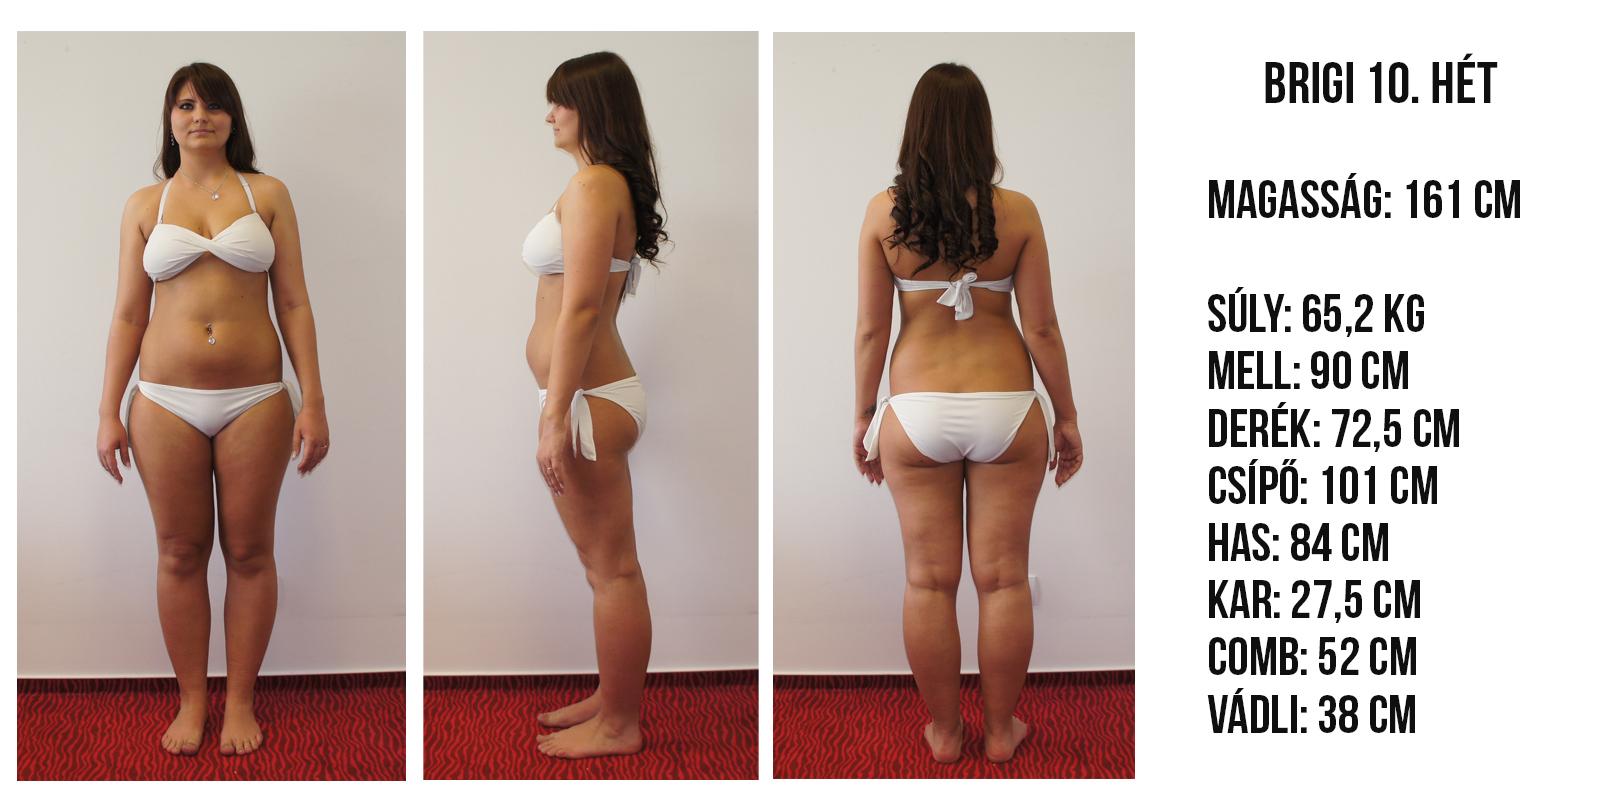 gőzölő súlycsökkenés eredményei fogyhat az mcdonalds-on